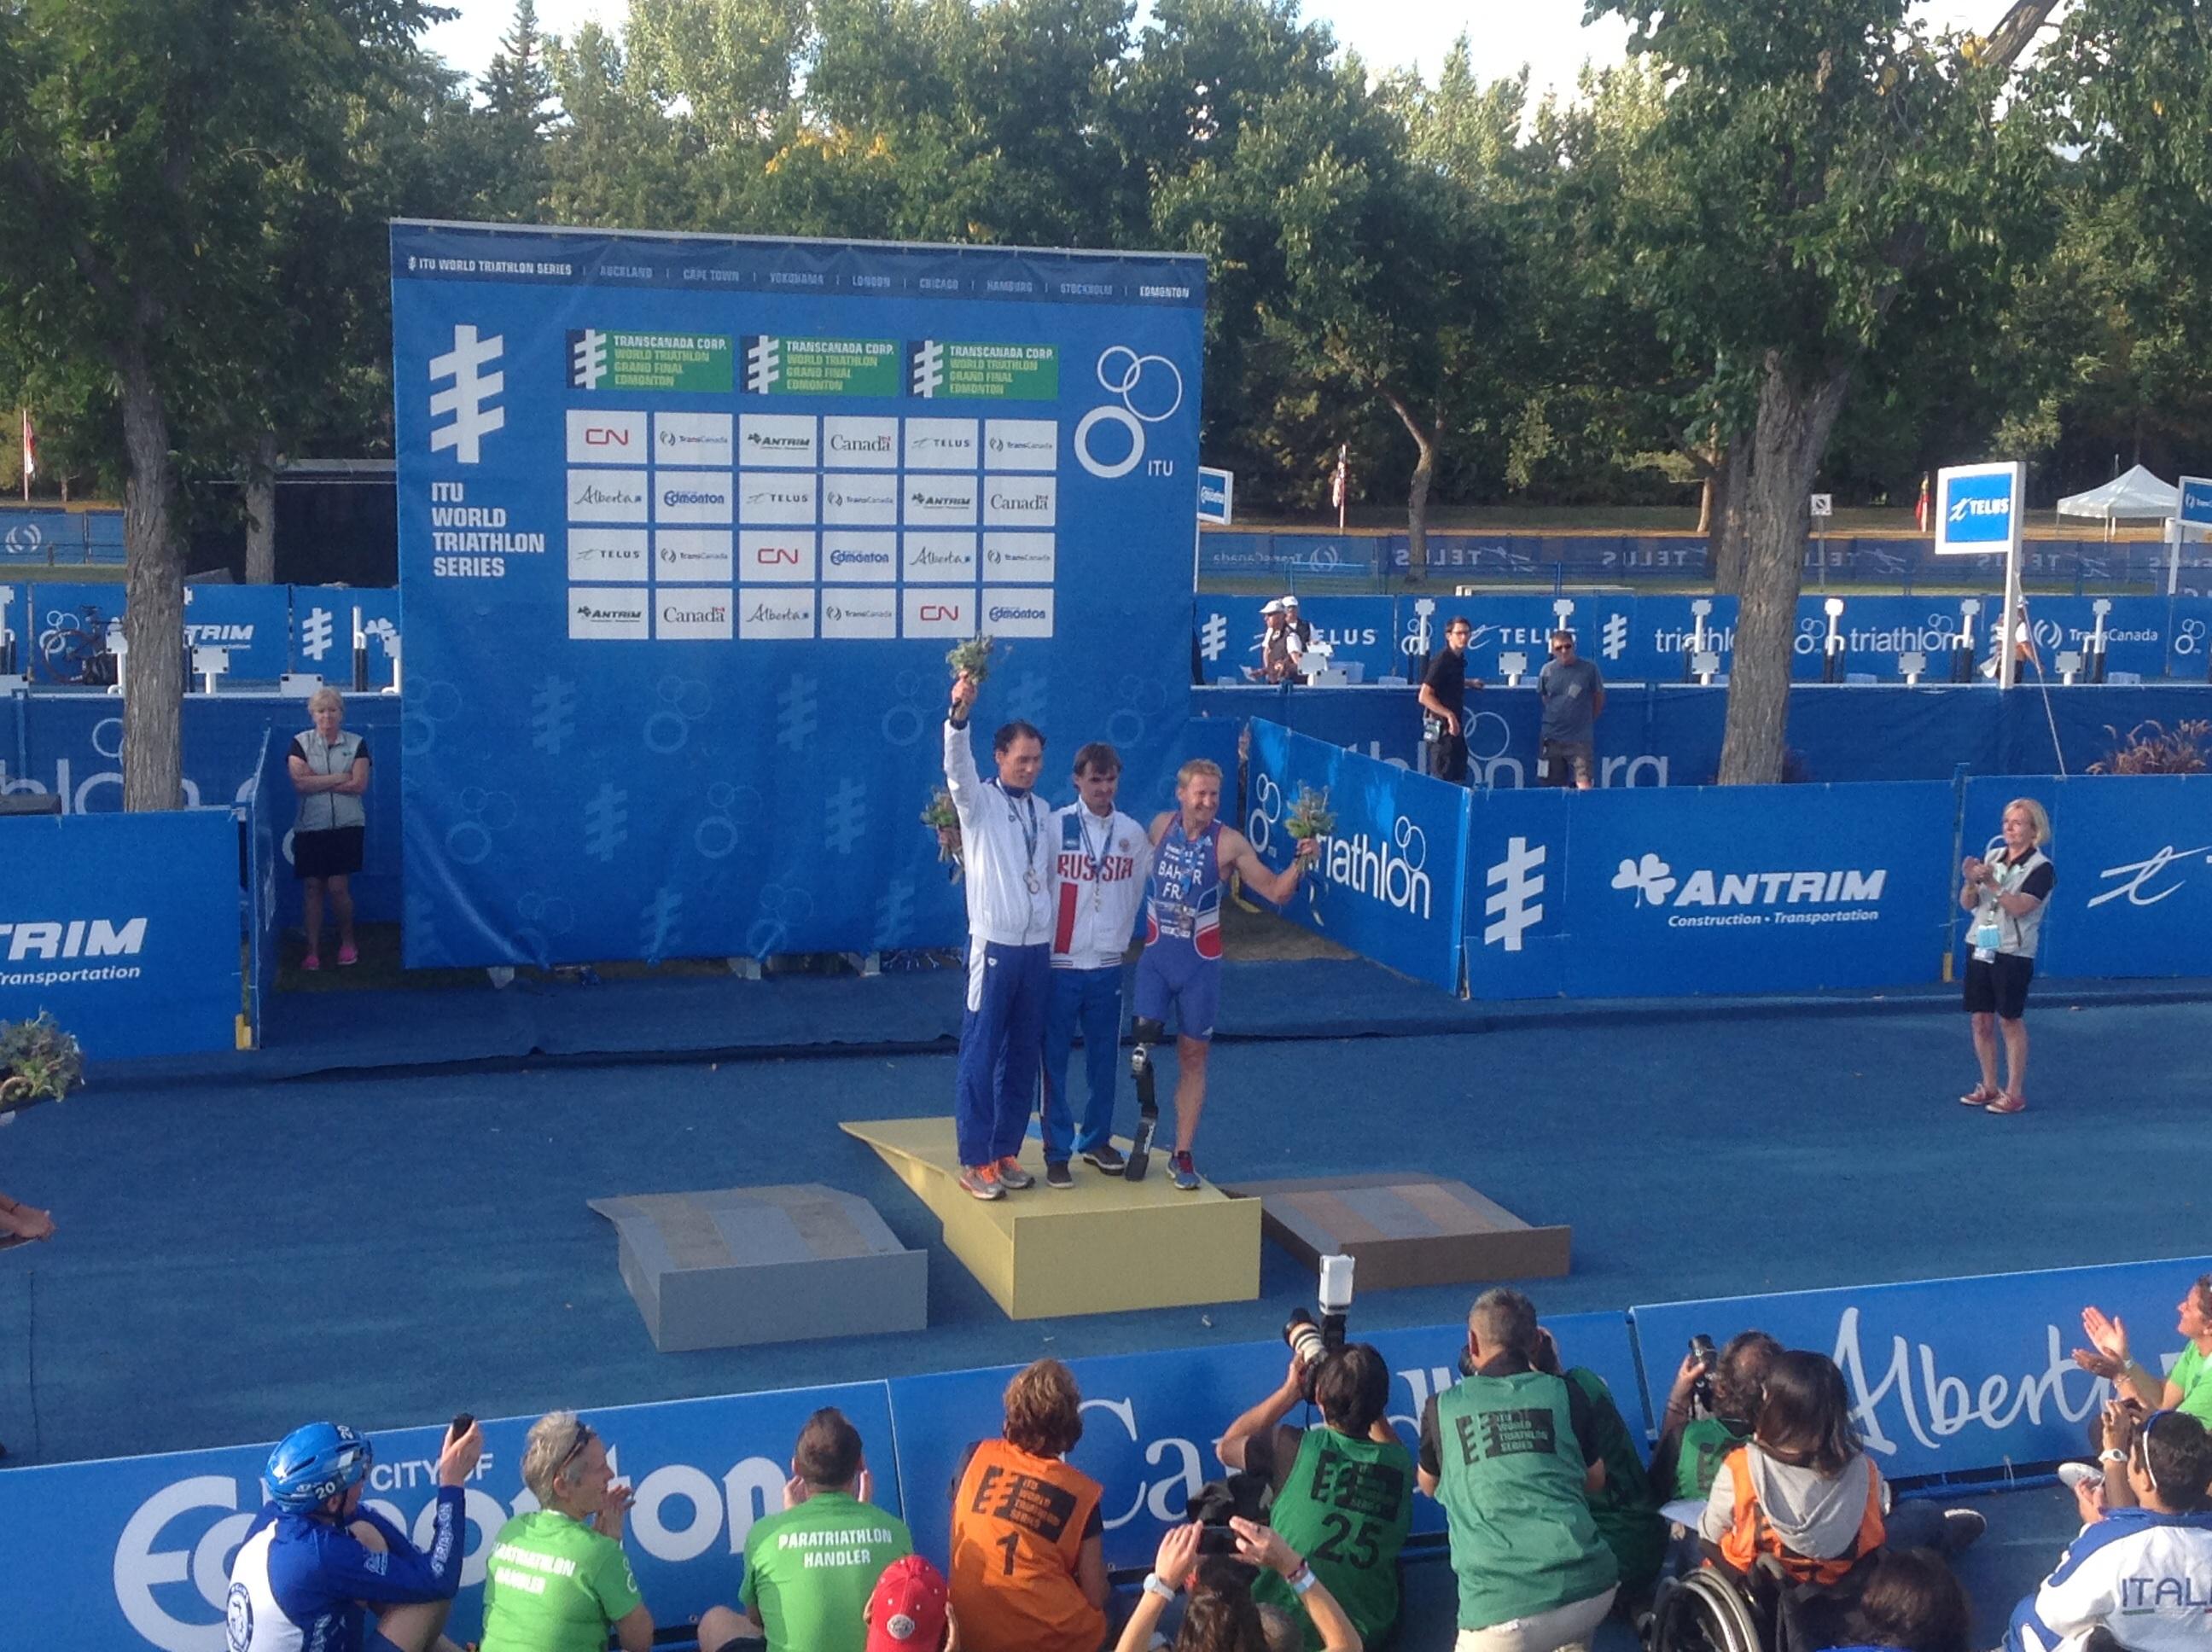 Василий Егоров выиграл золотую медаль на Гранд-финале  чемпионата мира по паратриатлону в Канаде